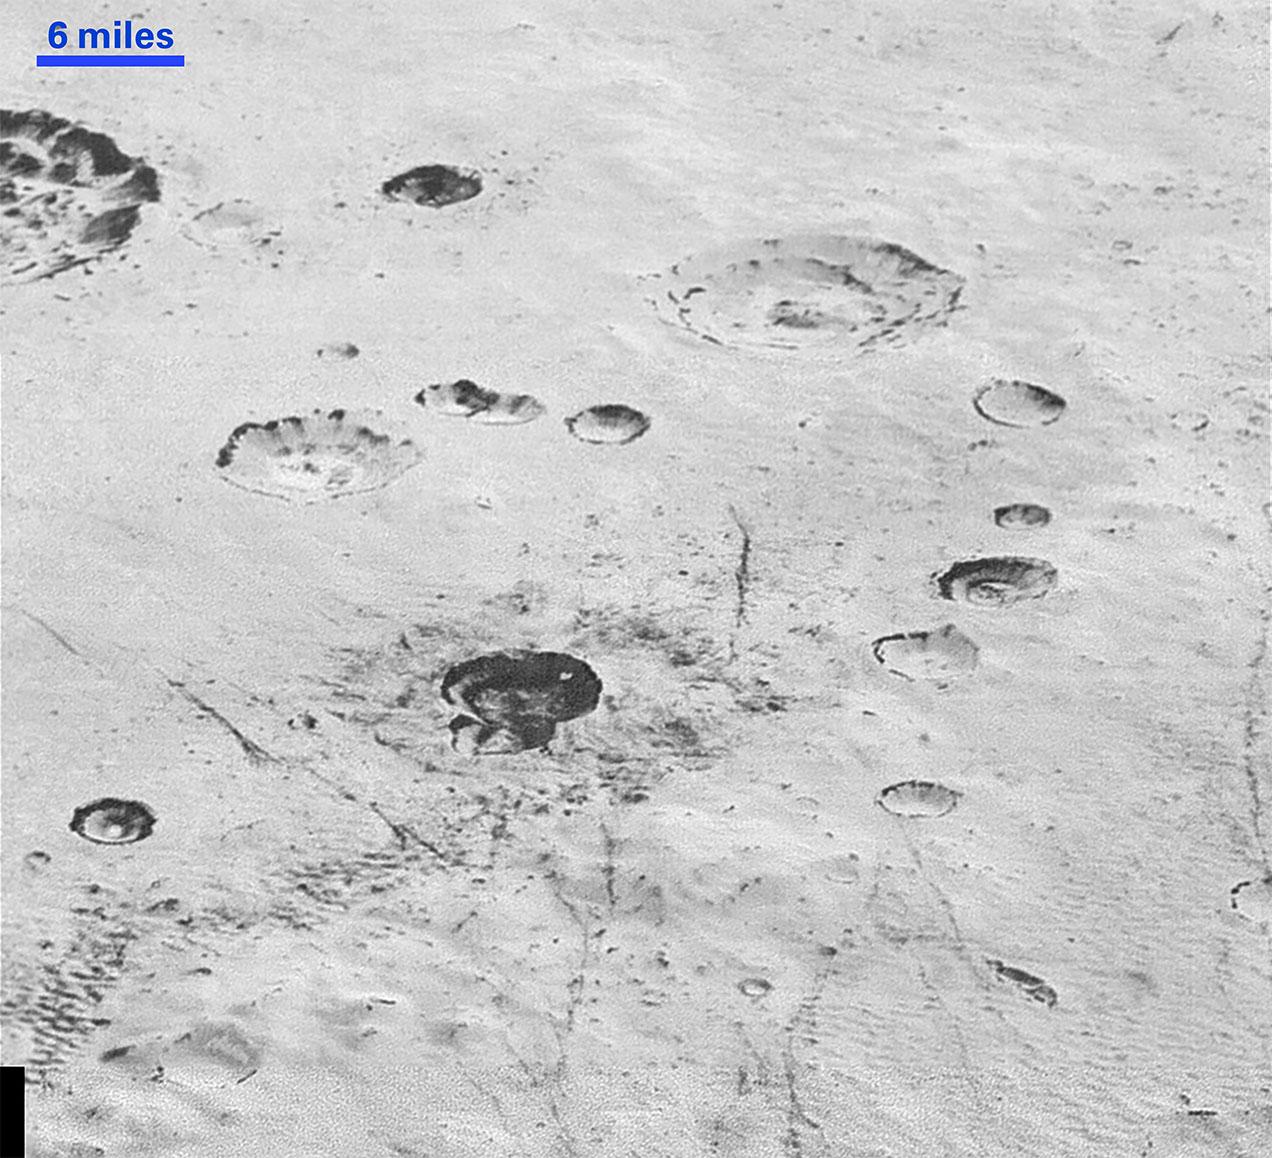 Buzul ovadaki yapıları gösteren fotoğraf, çarpışma kraterlerinin iç duvarlarını ortaya çıkaracak kadar detay sunuyor. [NASA/JHUAPL/SwRI]